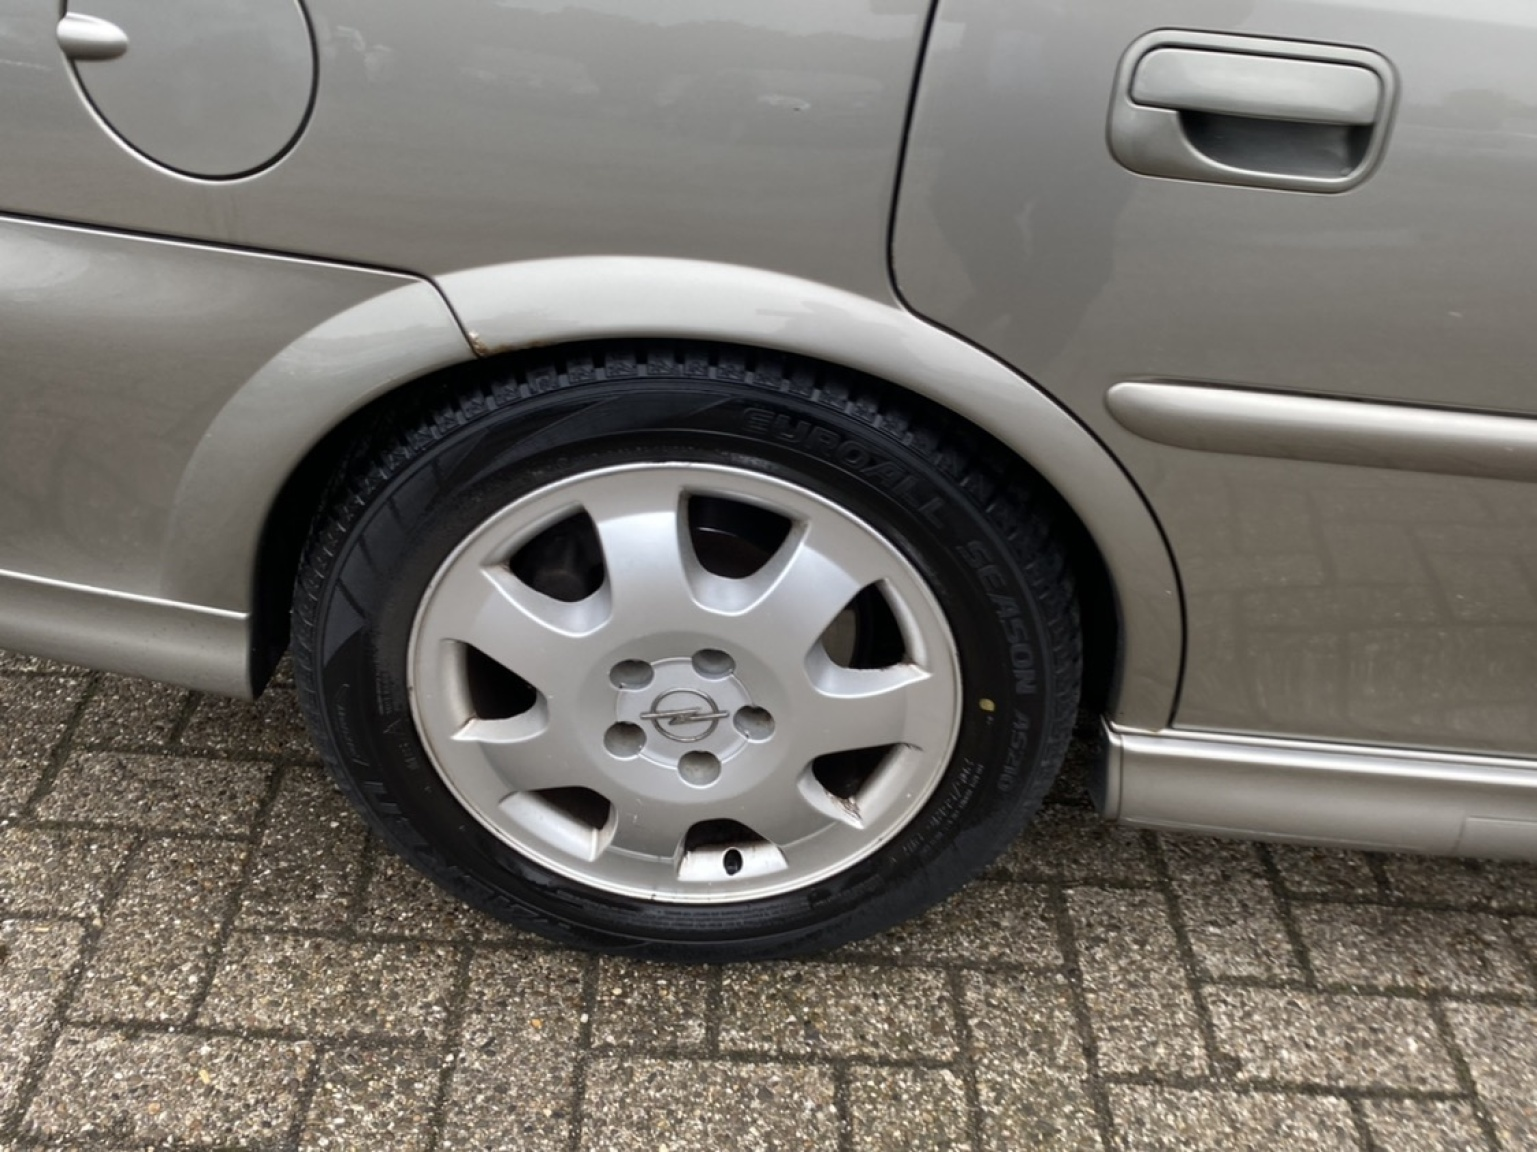 Opel-Vectra-21